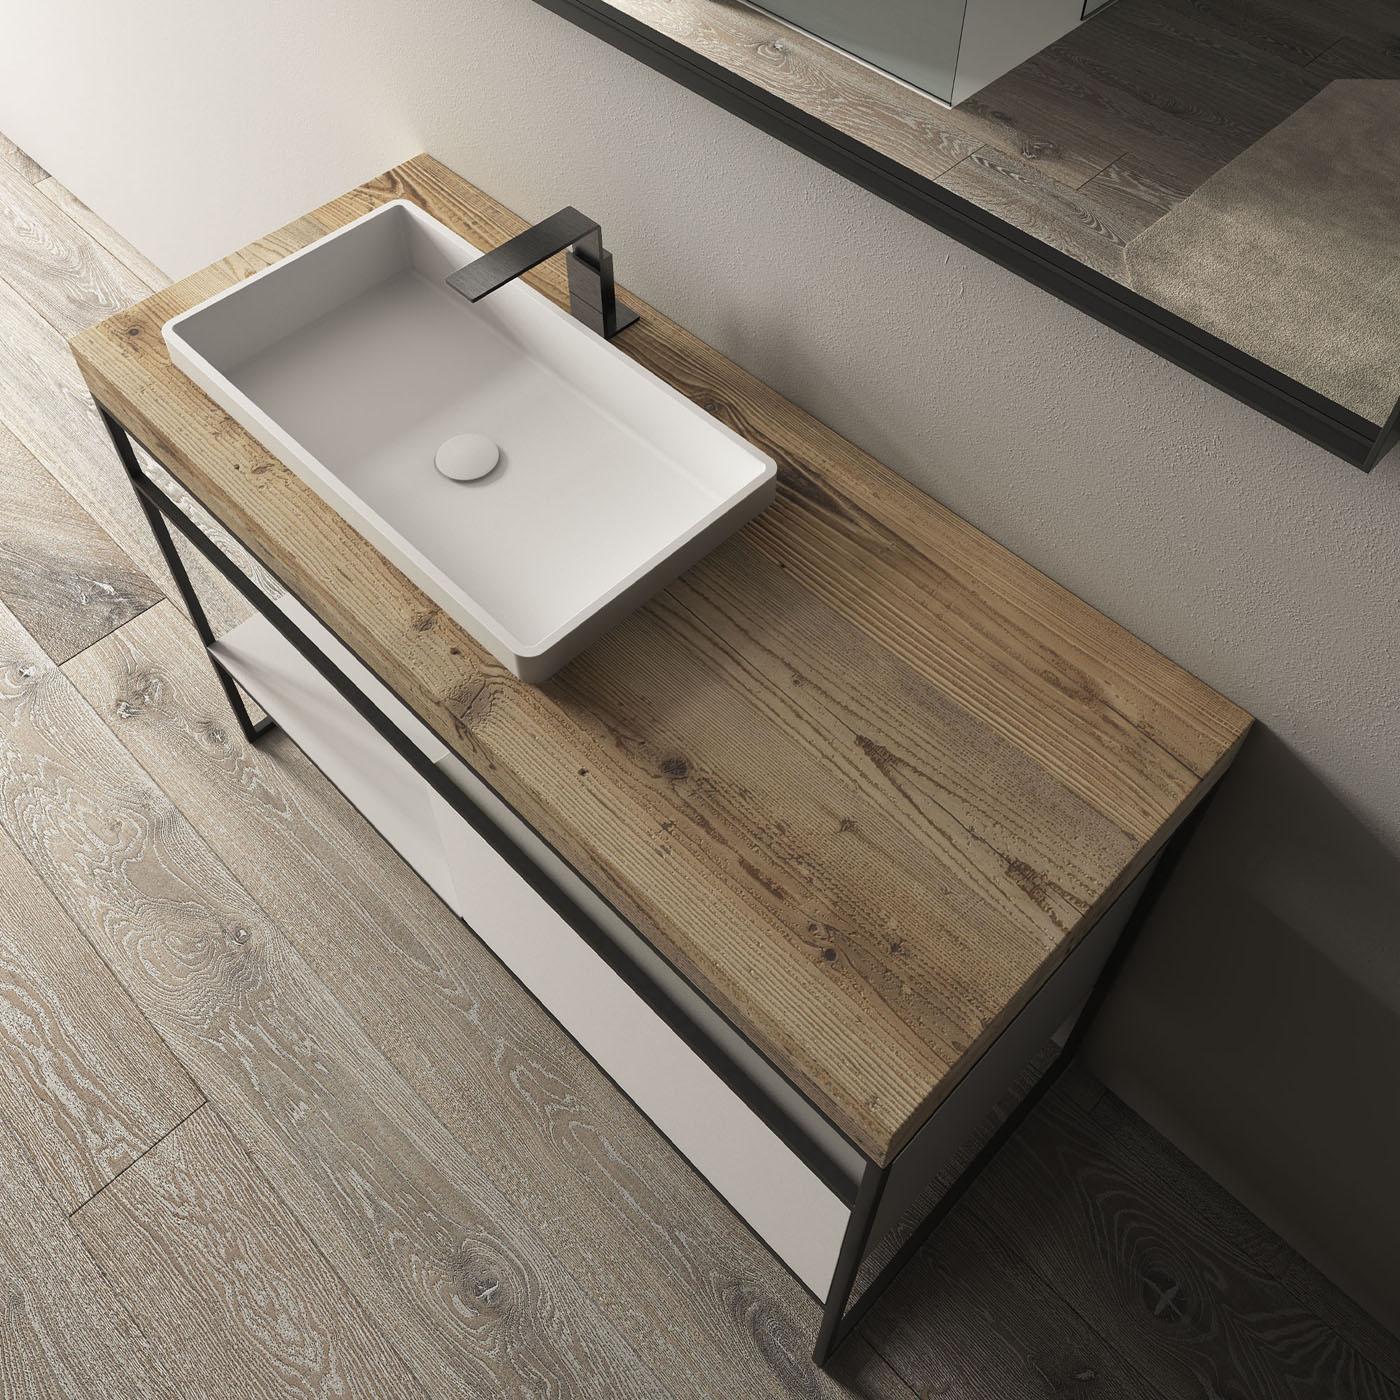 Piano Per Mobile Bagno come scegliere il lavabo del bagno - ideagroup blog